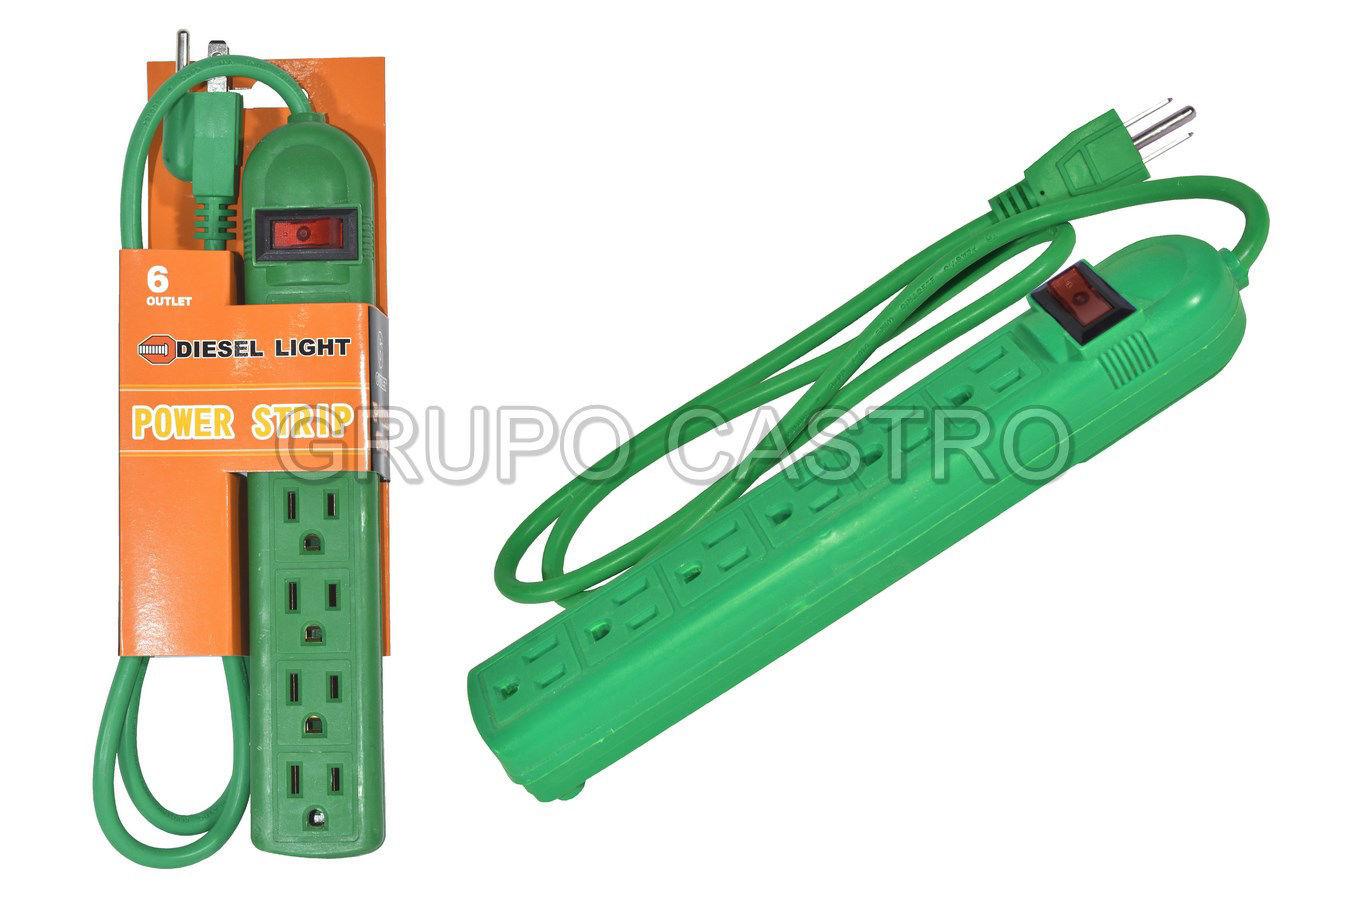 Foto de Regleta 6 diesel lights MP-1020 ES-006C 127V/15A cable 1 MTR